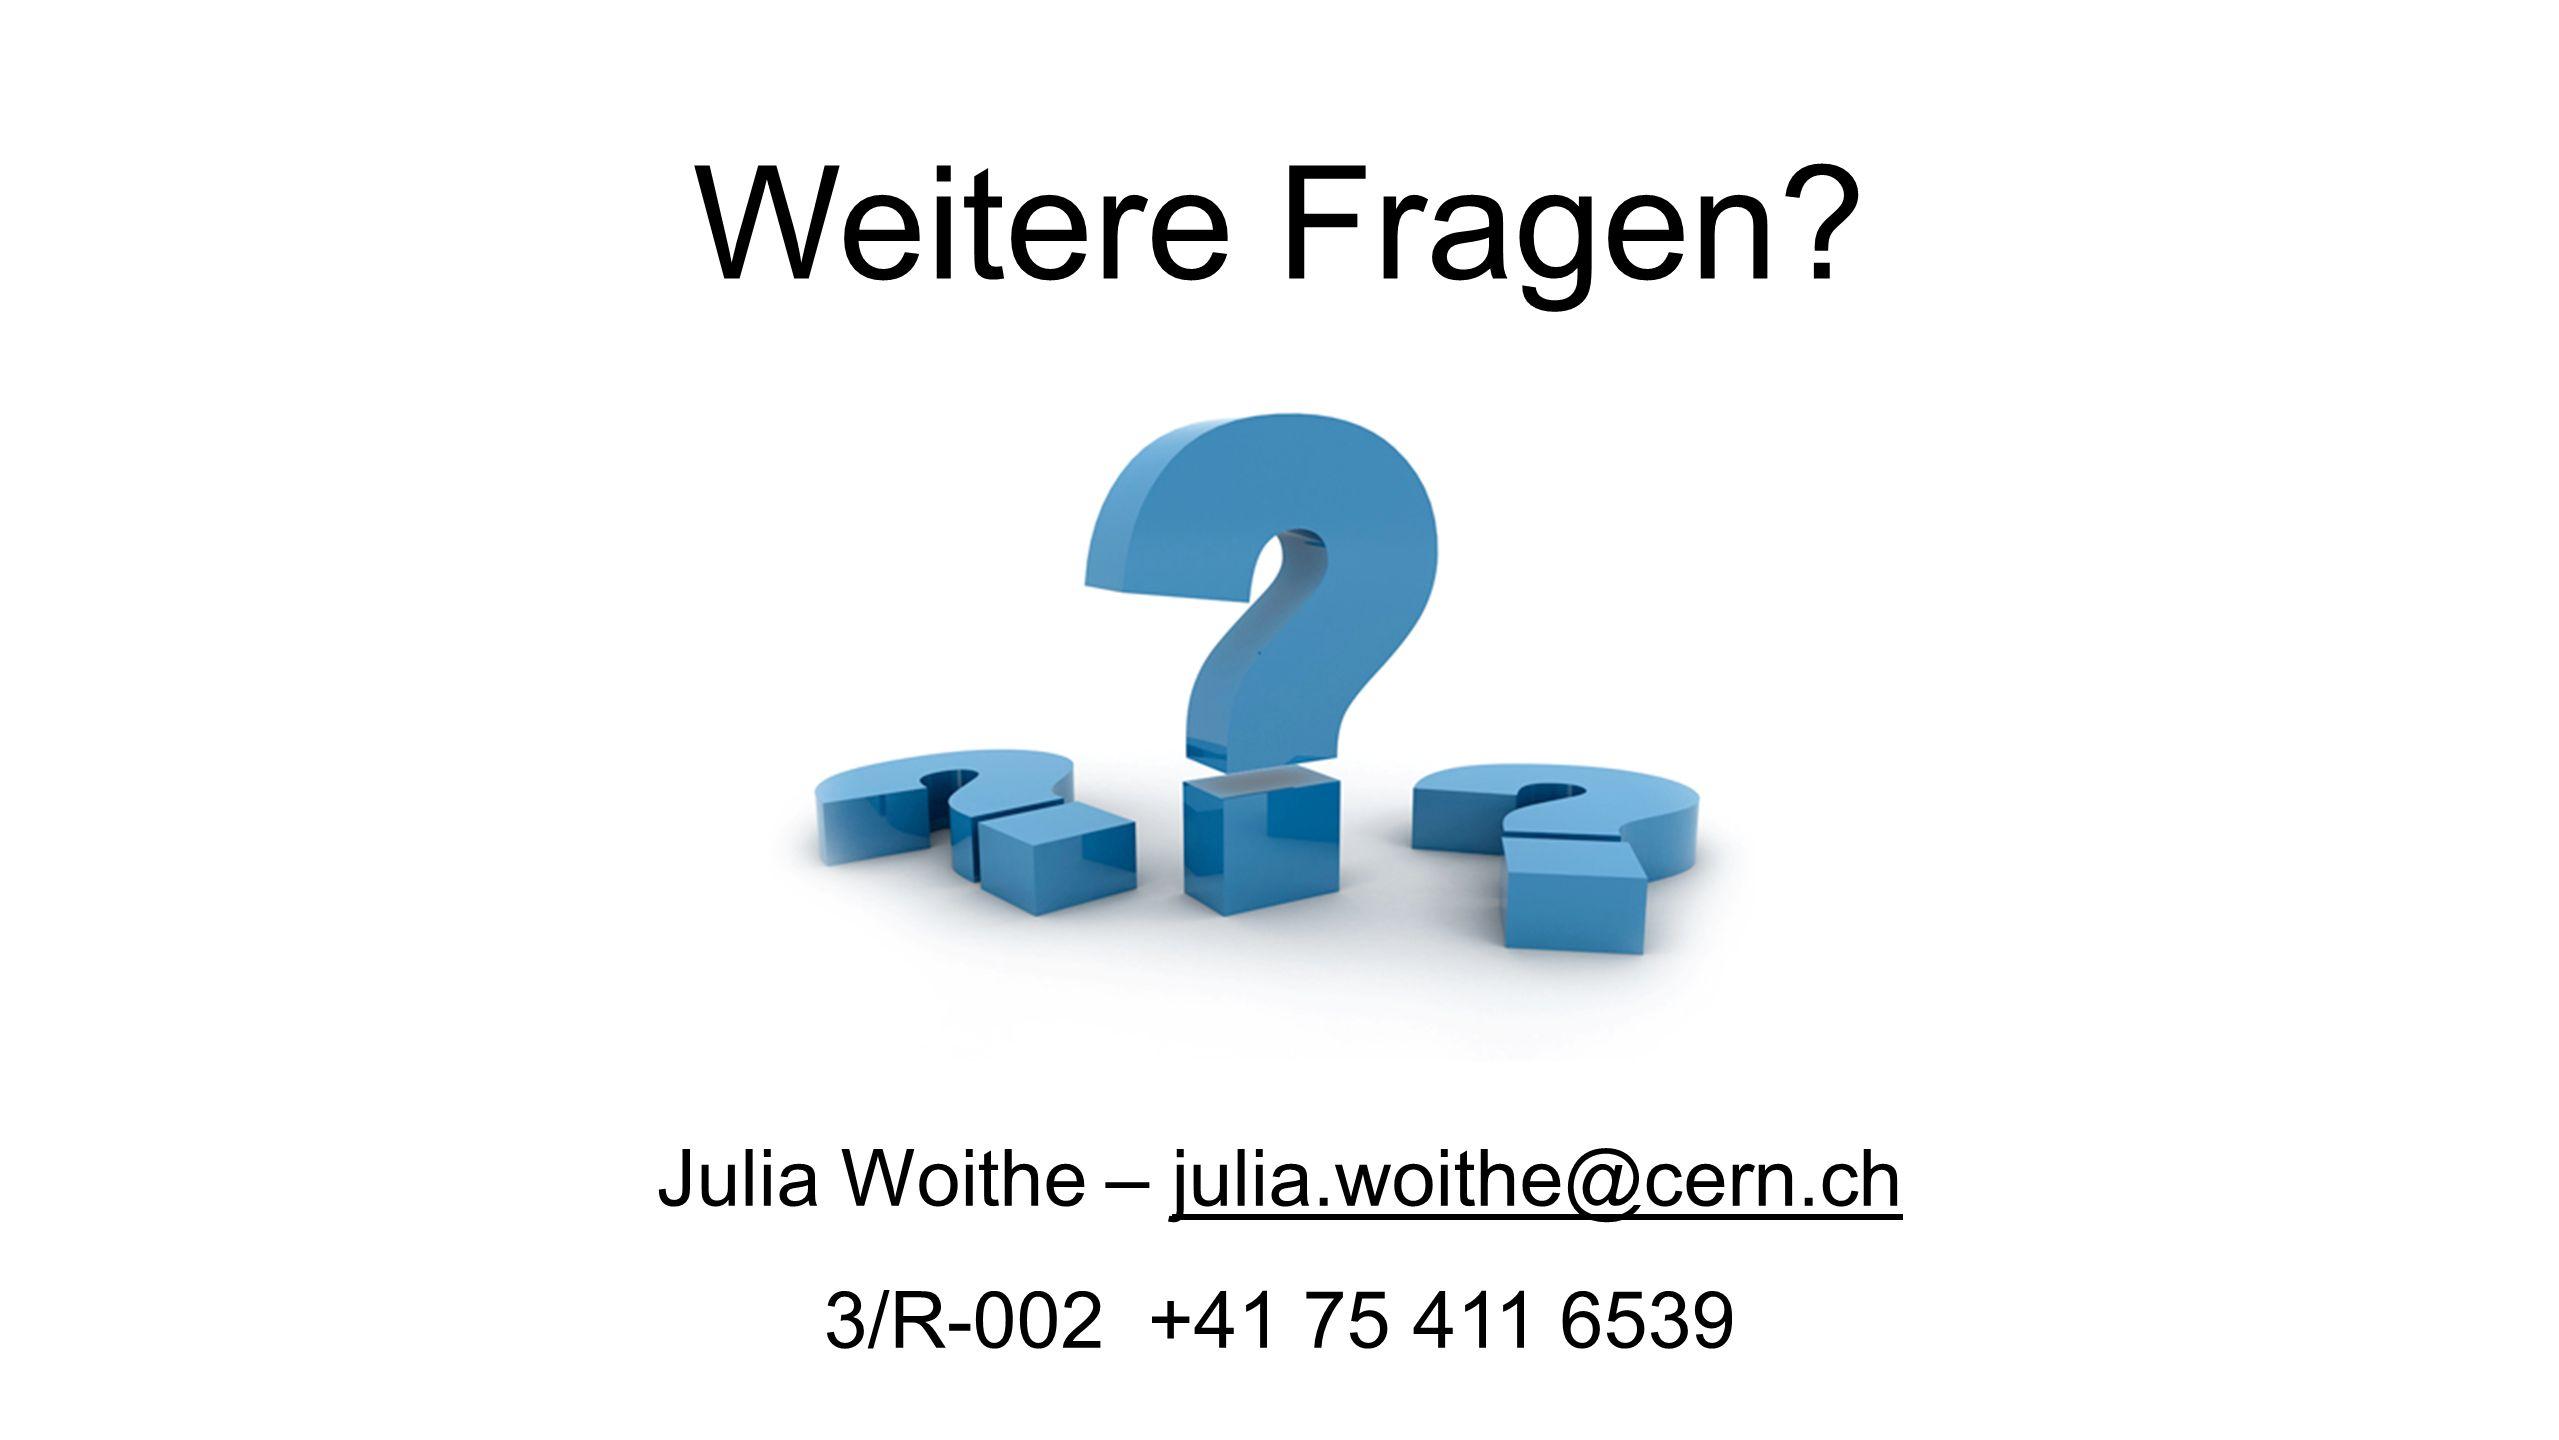 Weitere Fragen Julia Woithe – julia.woithe@cern.ch 3/R-002 +41 75 411 6539 12